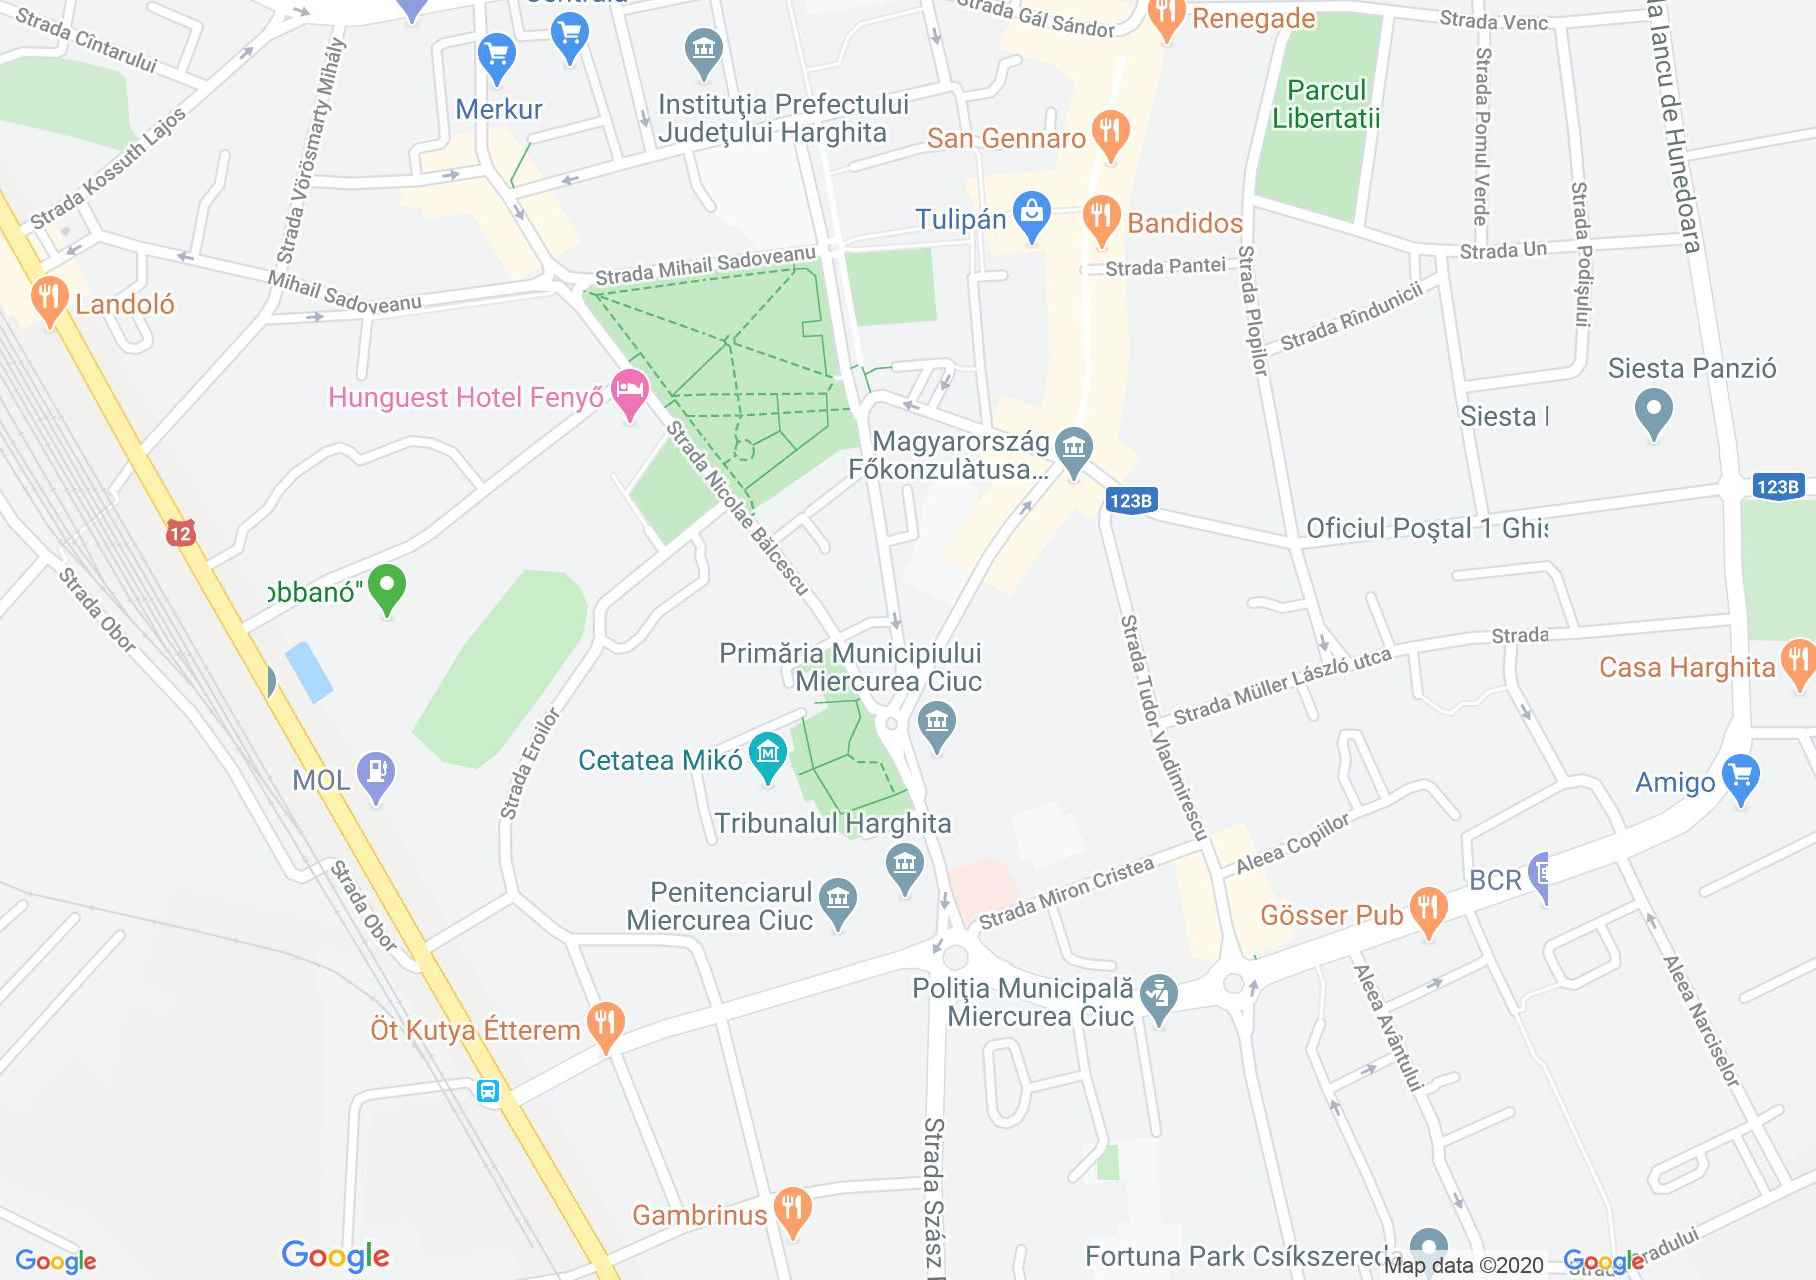 Centrul oraşului Miercurea Ciuc, Harta turistică interactivă